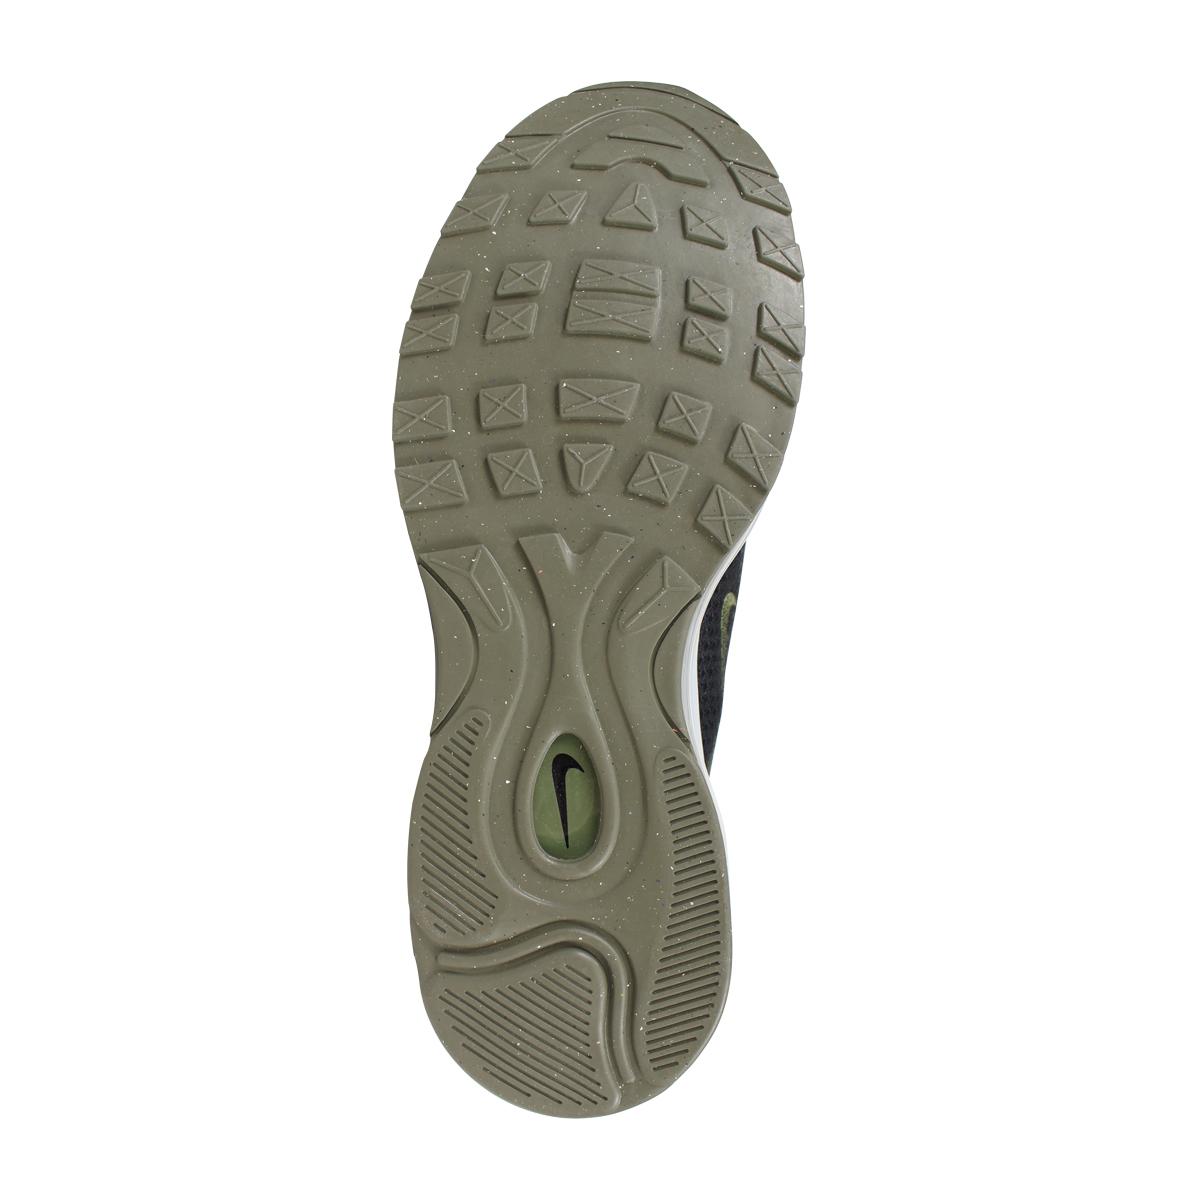 NIKE AIR MAX 97 UL 17 HAL HOT AIR PACK Kie Ney AMAX 97 sneakers men AH9945 001 black [183] 9945 001 black [183]